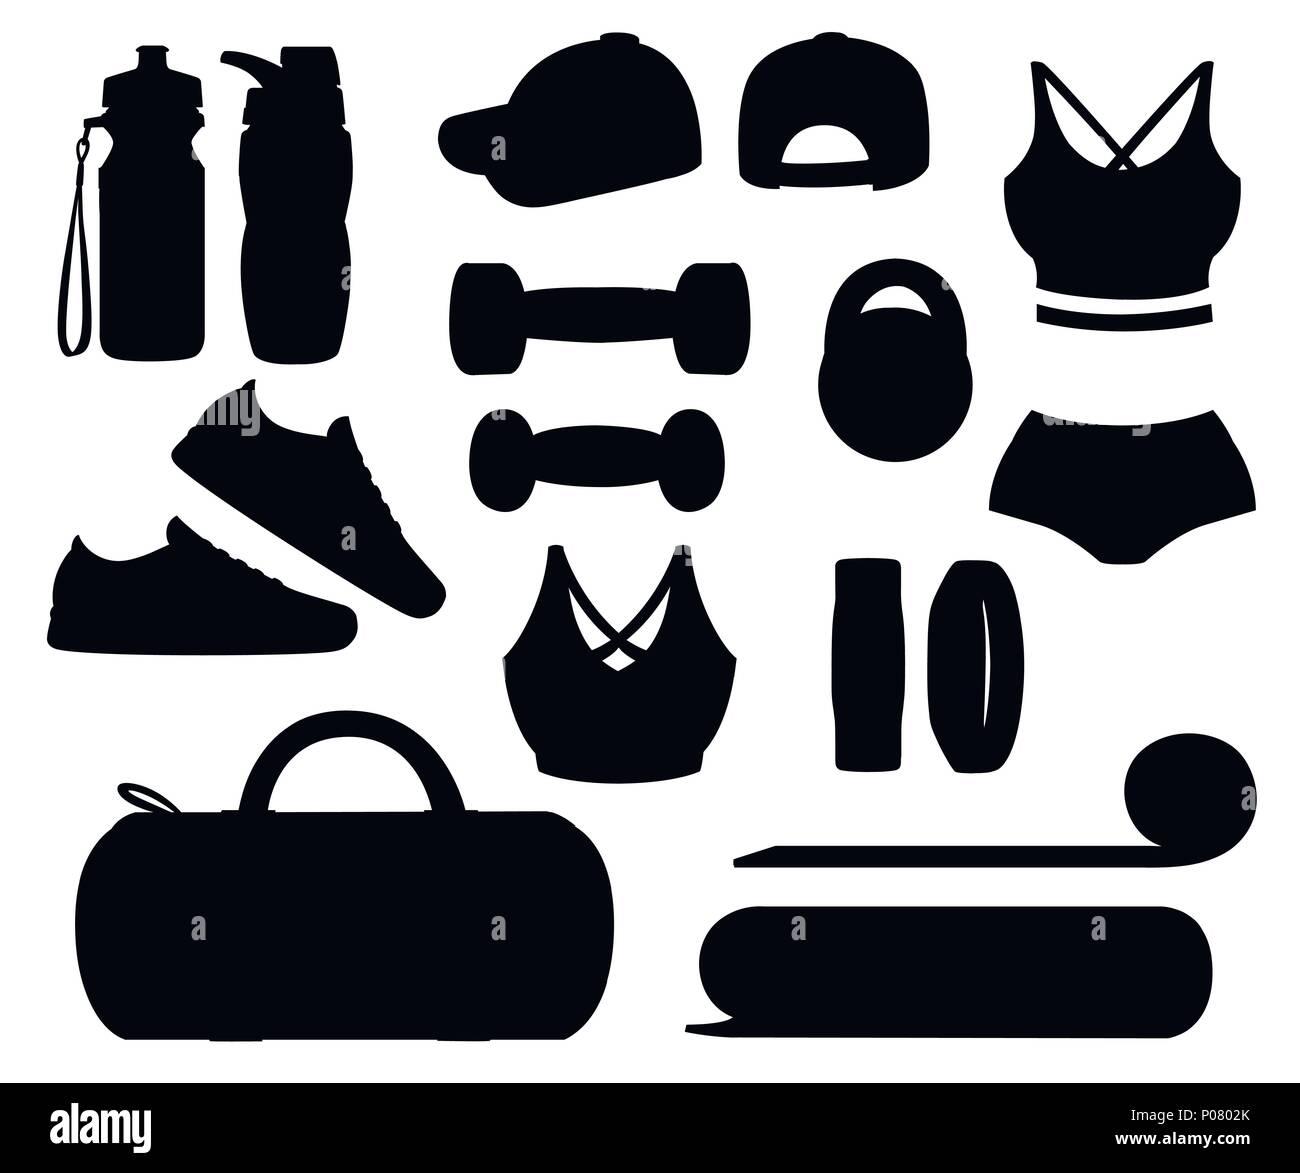 Conjunto de accesorios y ropa deportiva. Las mujeres trajes. Iconos para  clases en el gimnasio. Ilustración vectorial aislado sobre fondo blanco. e45b32e660f1c